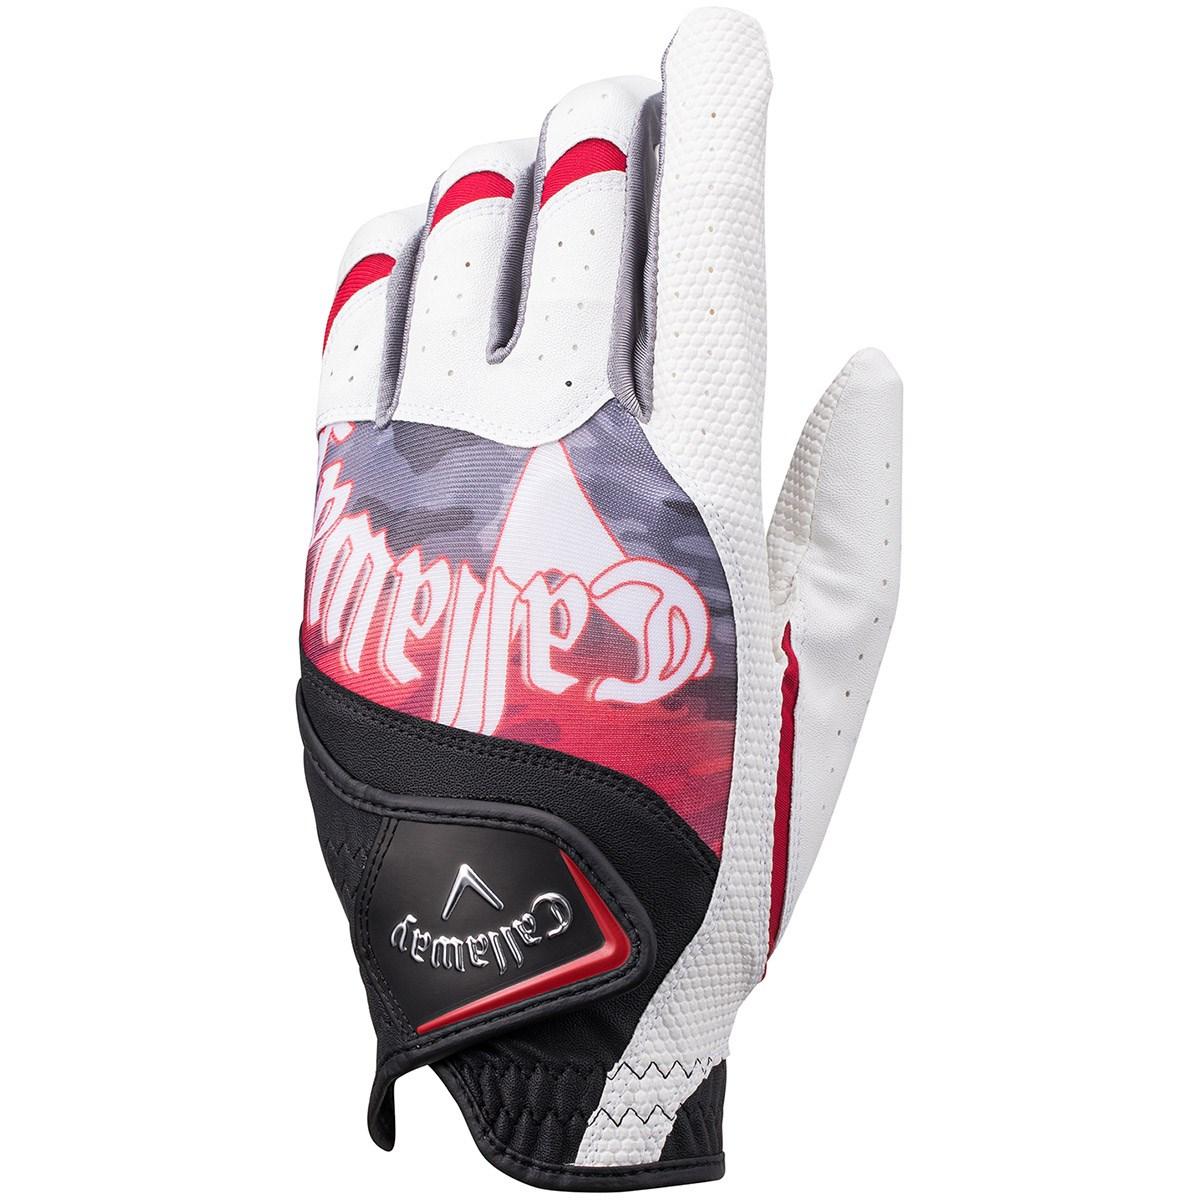 キャロウェイゴルフ Callaway Golf グラフィック グローブ 24cm 左手着用(右利き用) ホワイト/ブラック/レッド